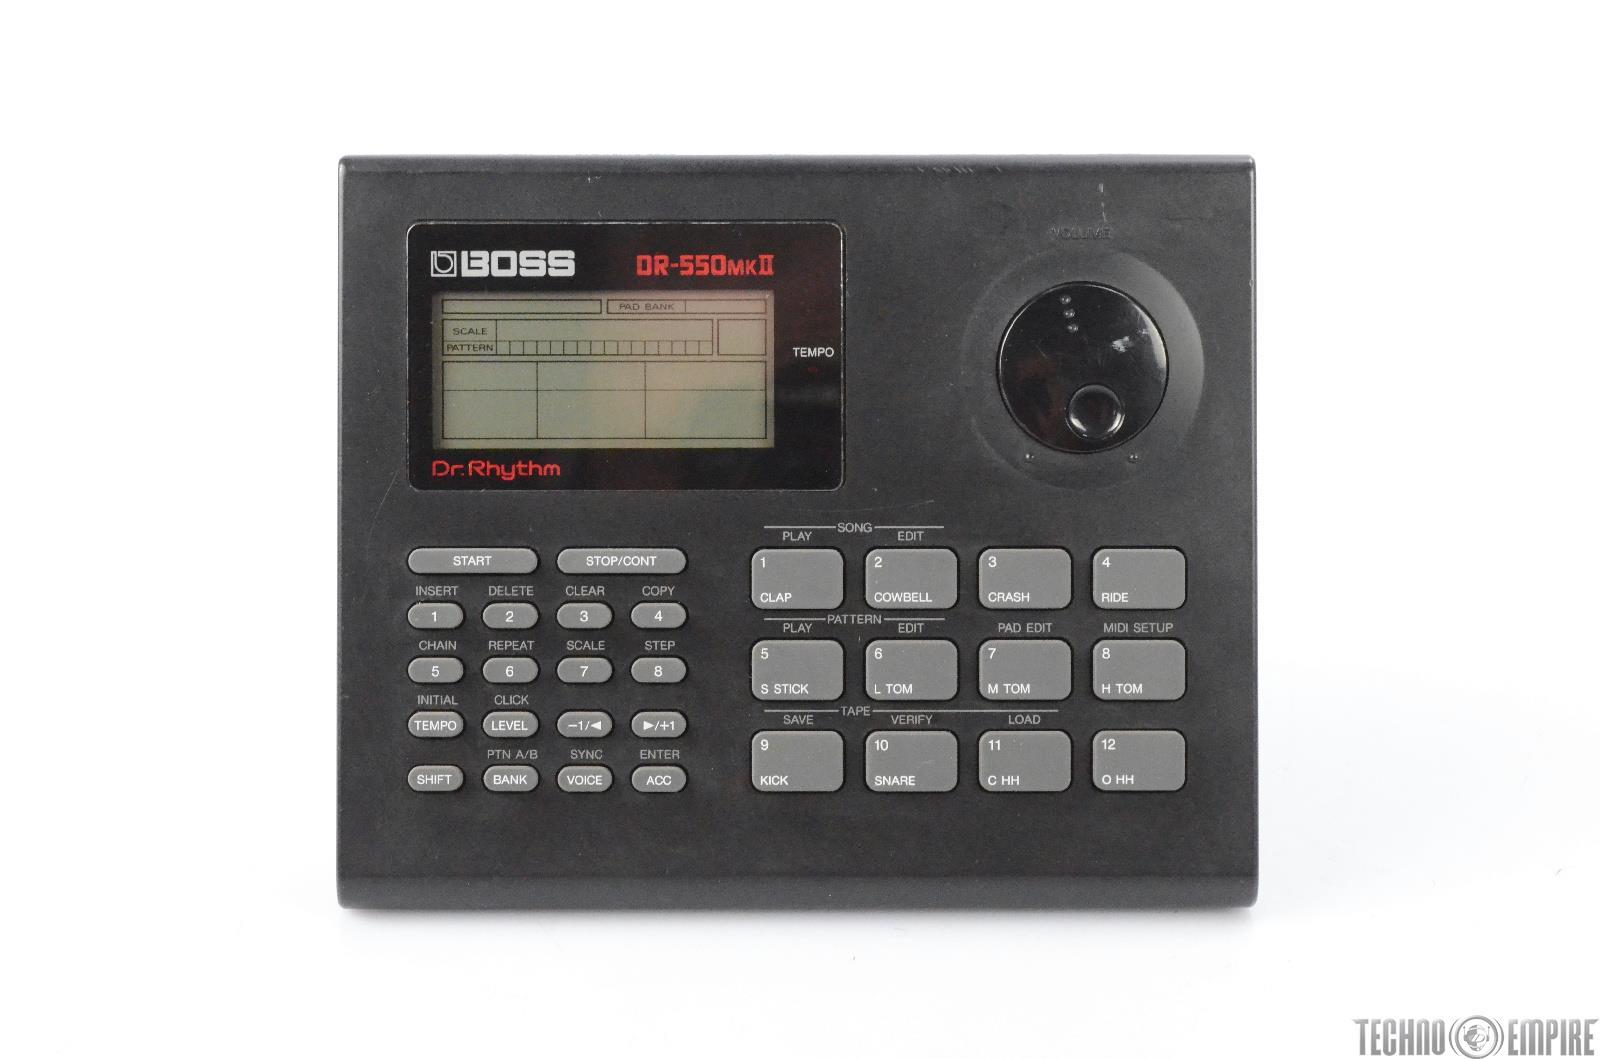 Boss DR-550MKII Dr Rhythm Drum Machine w/ PSU  DR 550 MKII DR550 MK II #29520